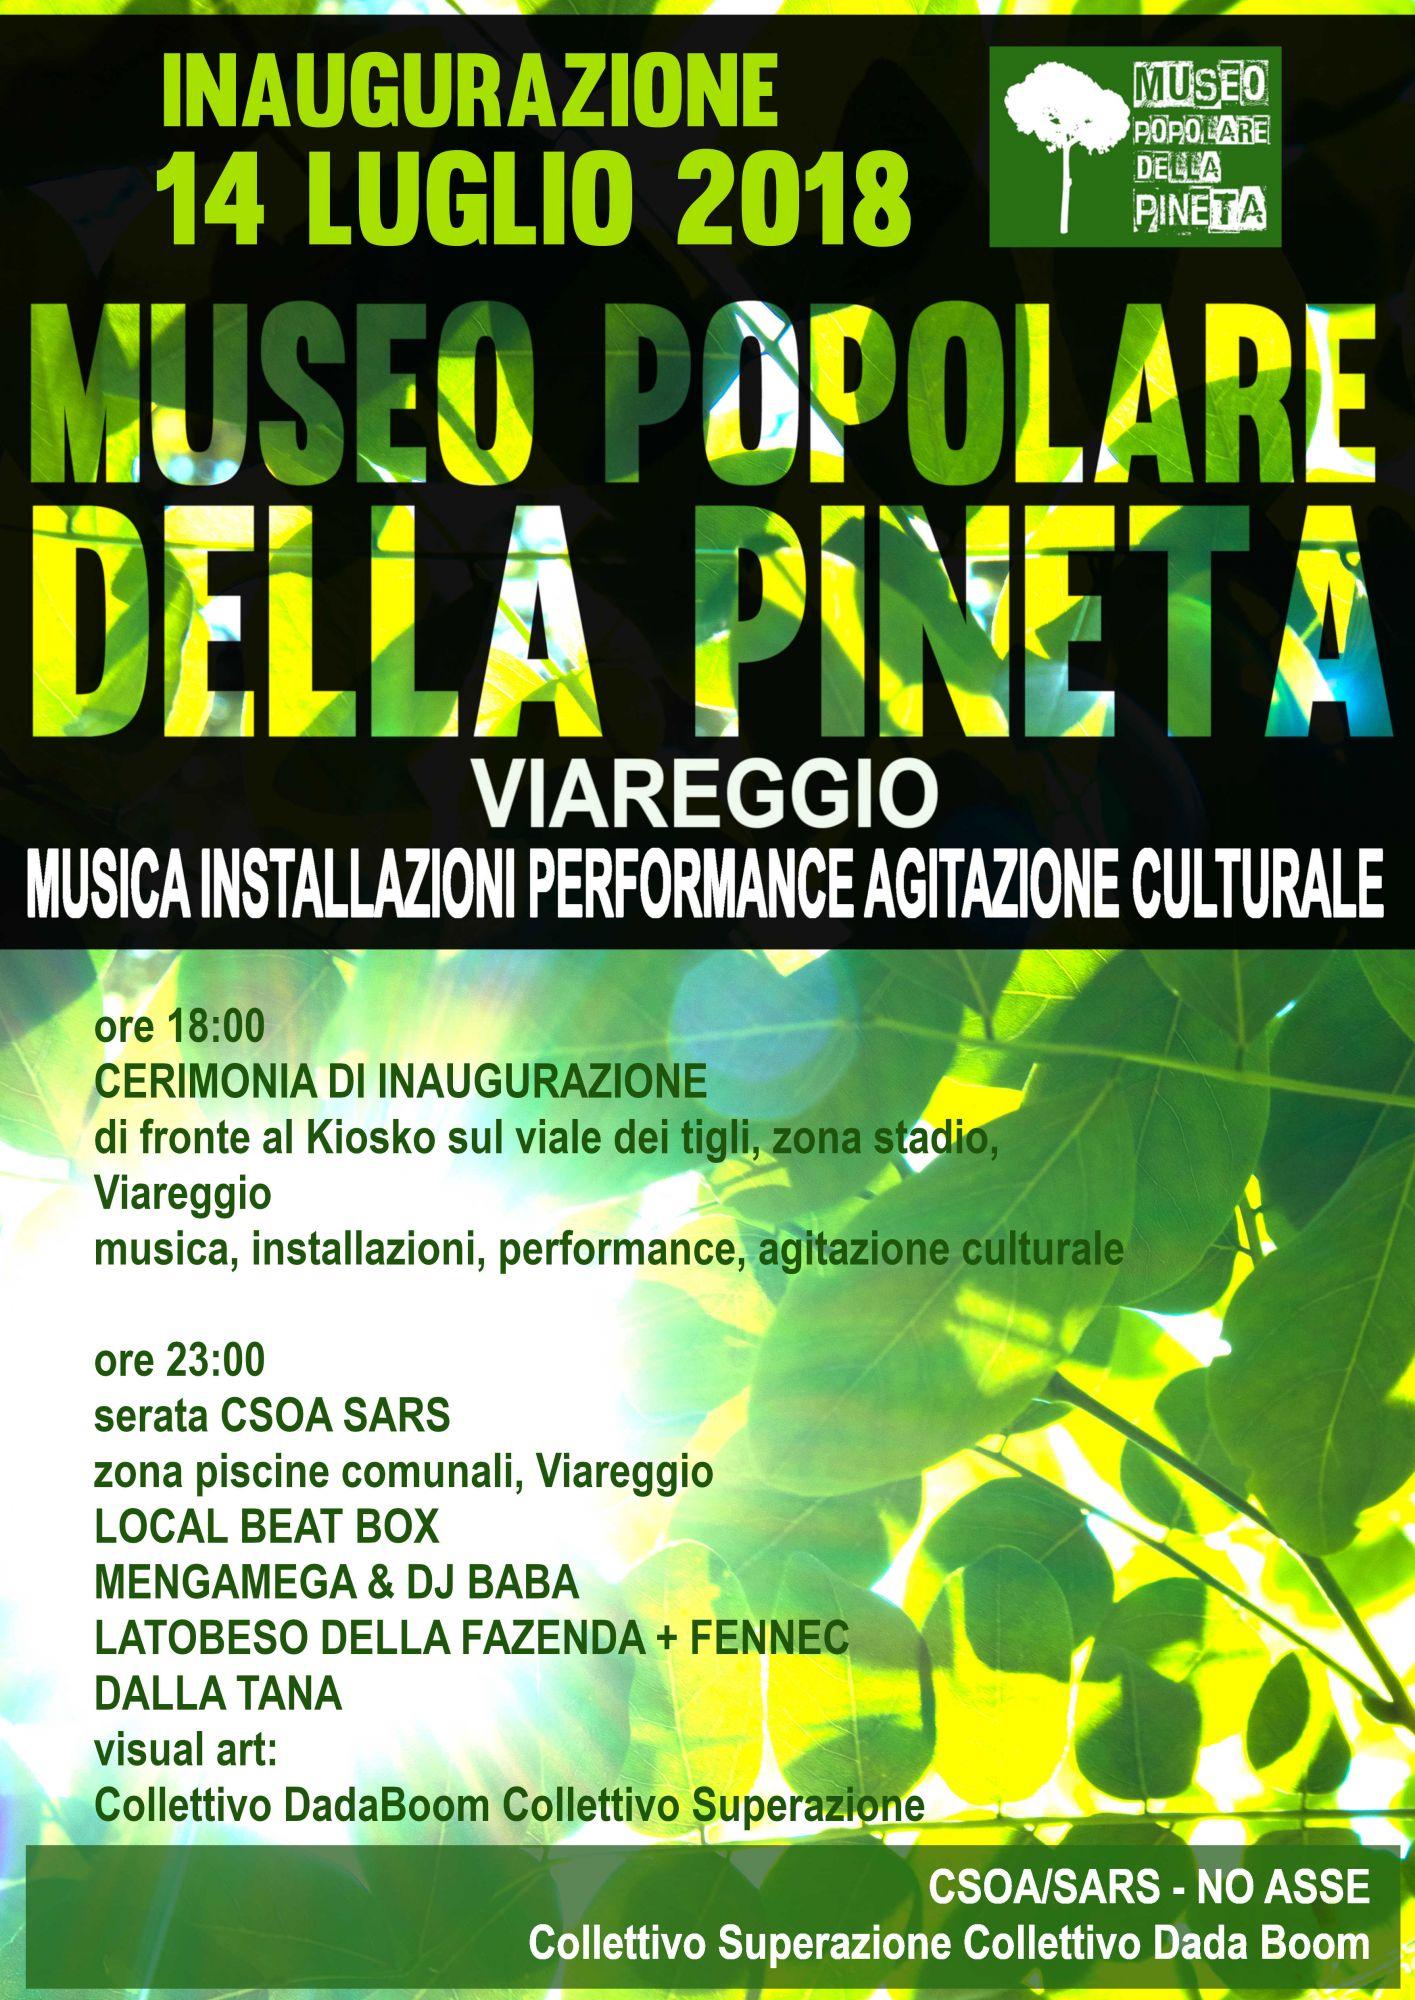 Museo popolare della pineta, sabato 14 luglio l'inaugurazione